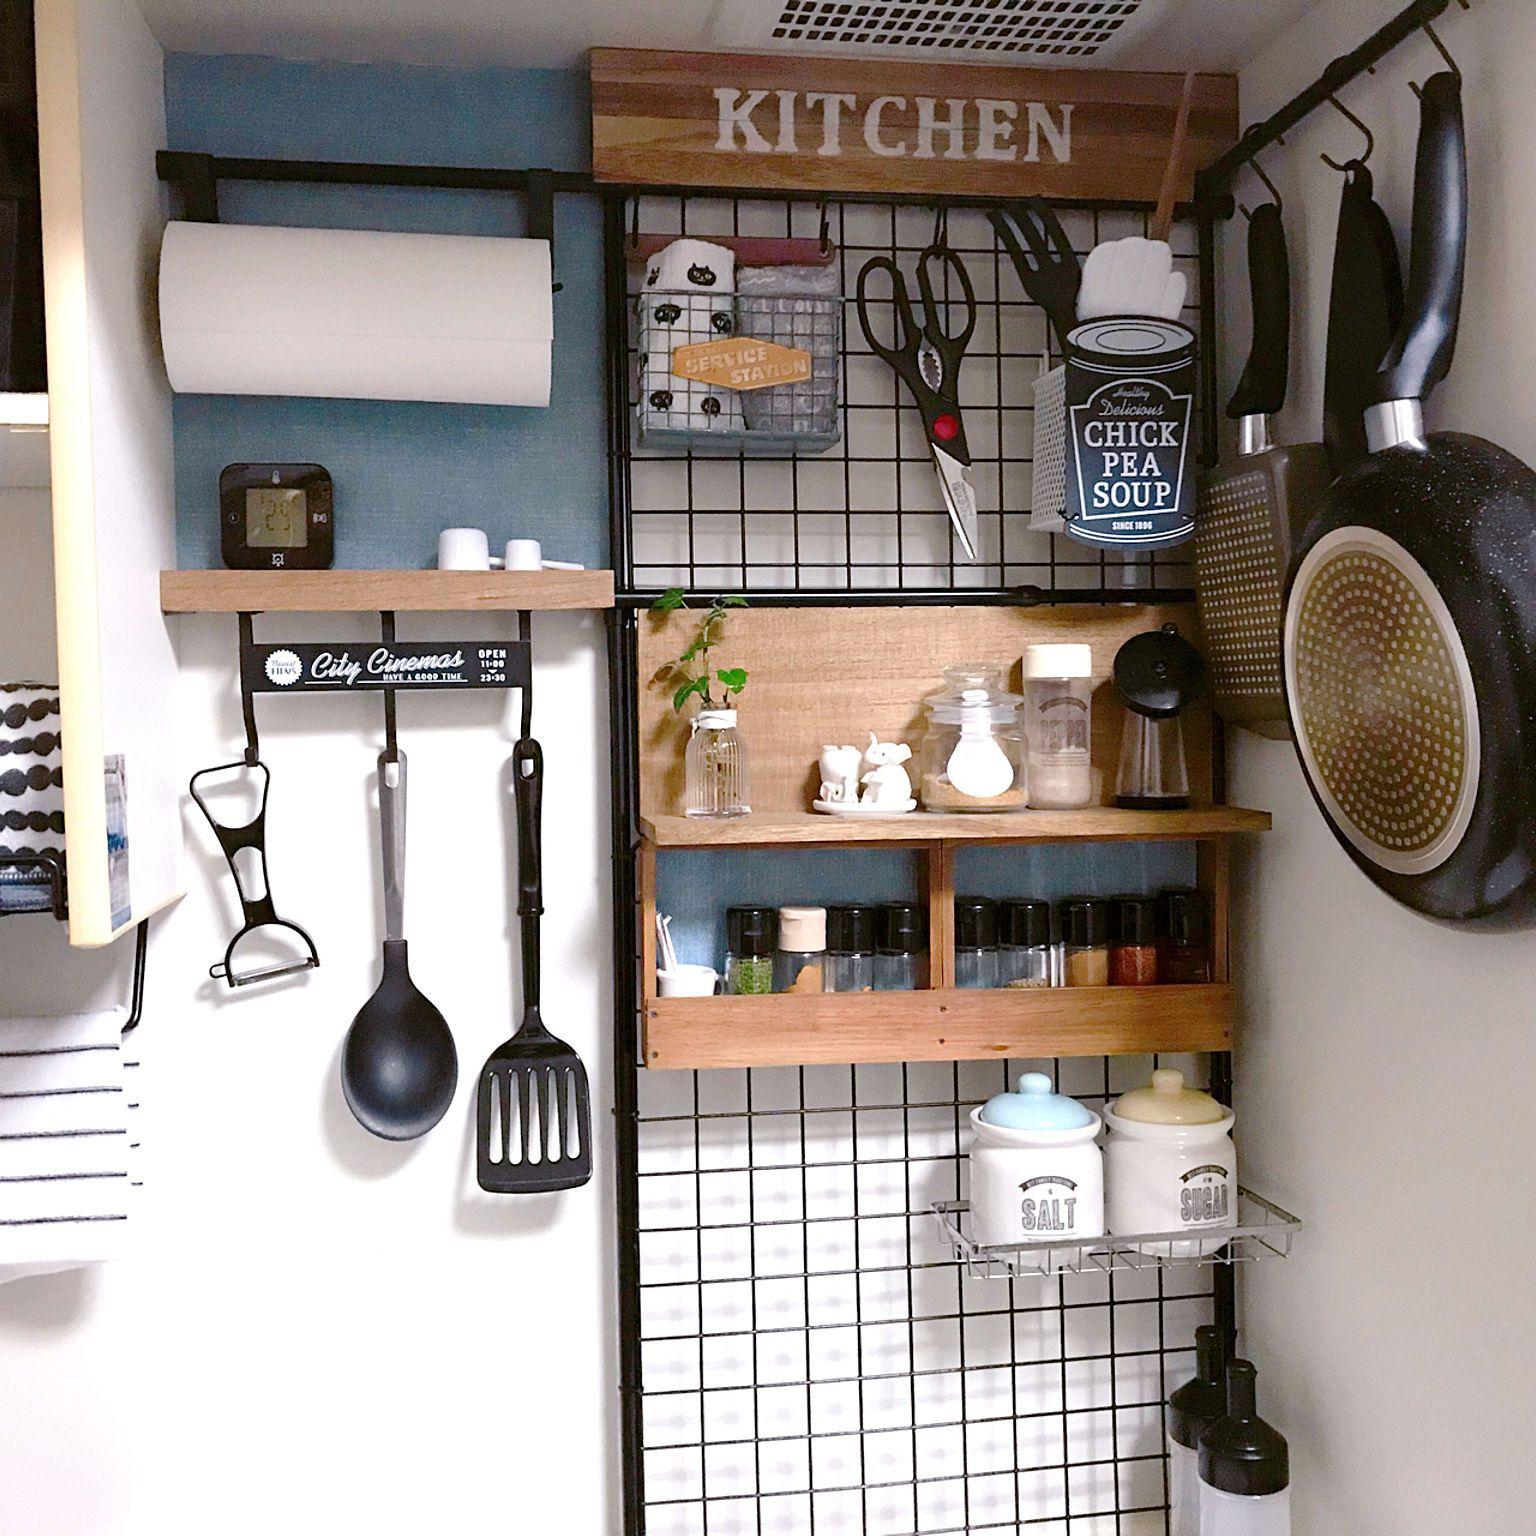 キッチン フライパン収納 つっぱり棒 ワイヤーネット 良かったらブログ